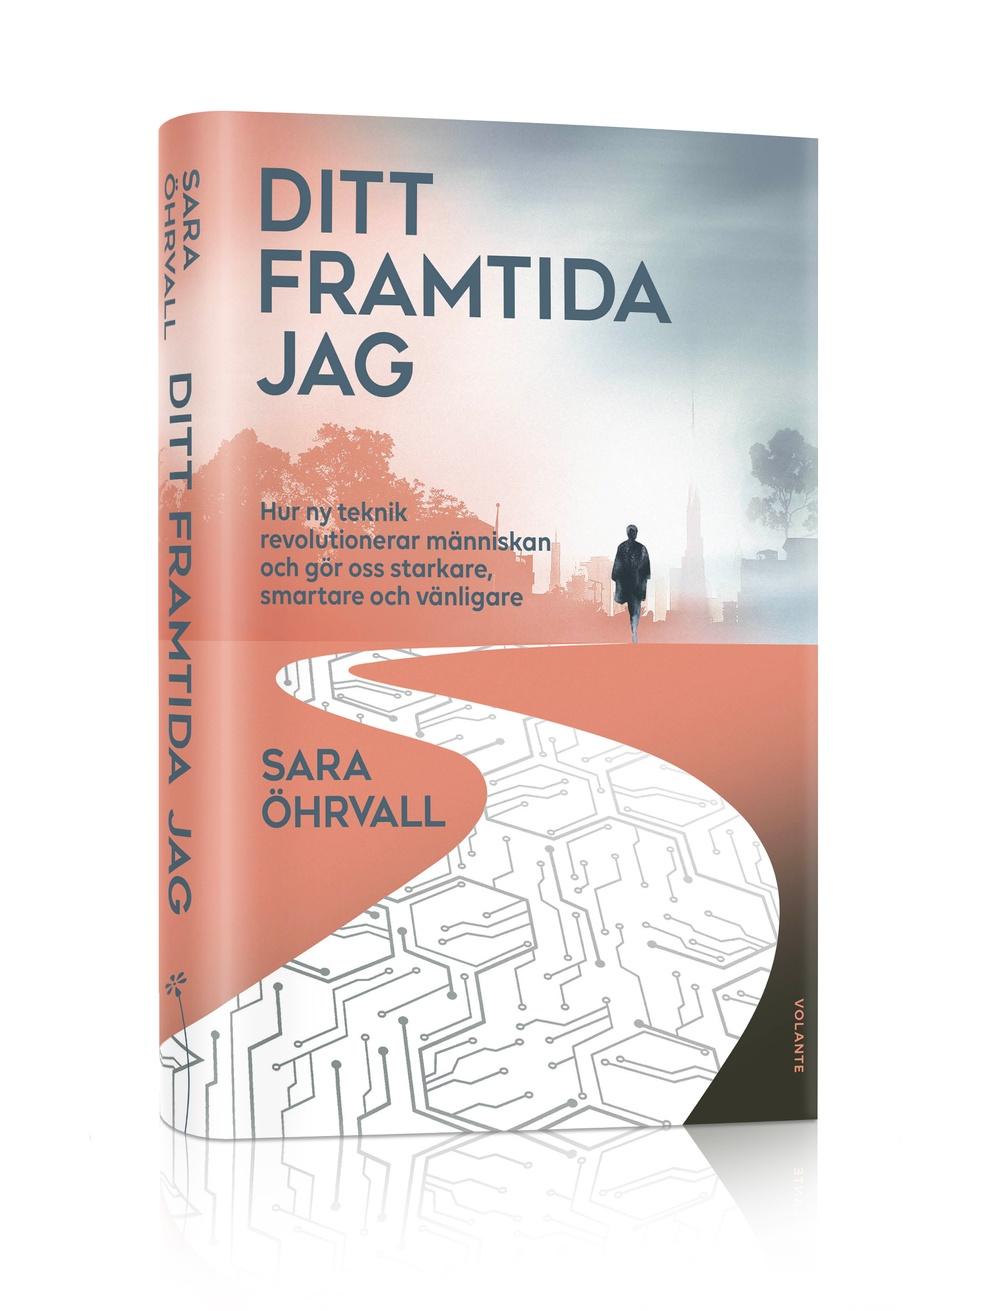 Ditt framtida jag, författare Sara Öhrvall